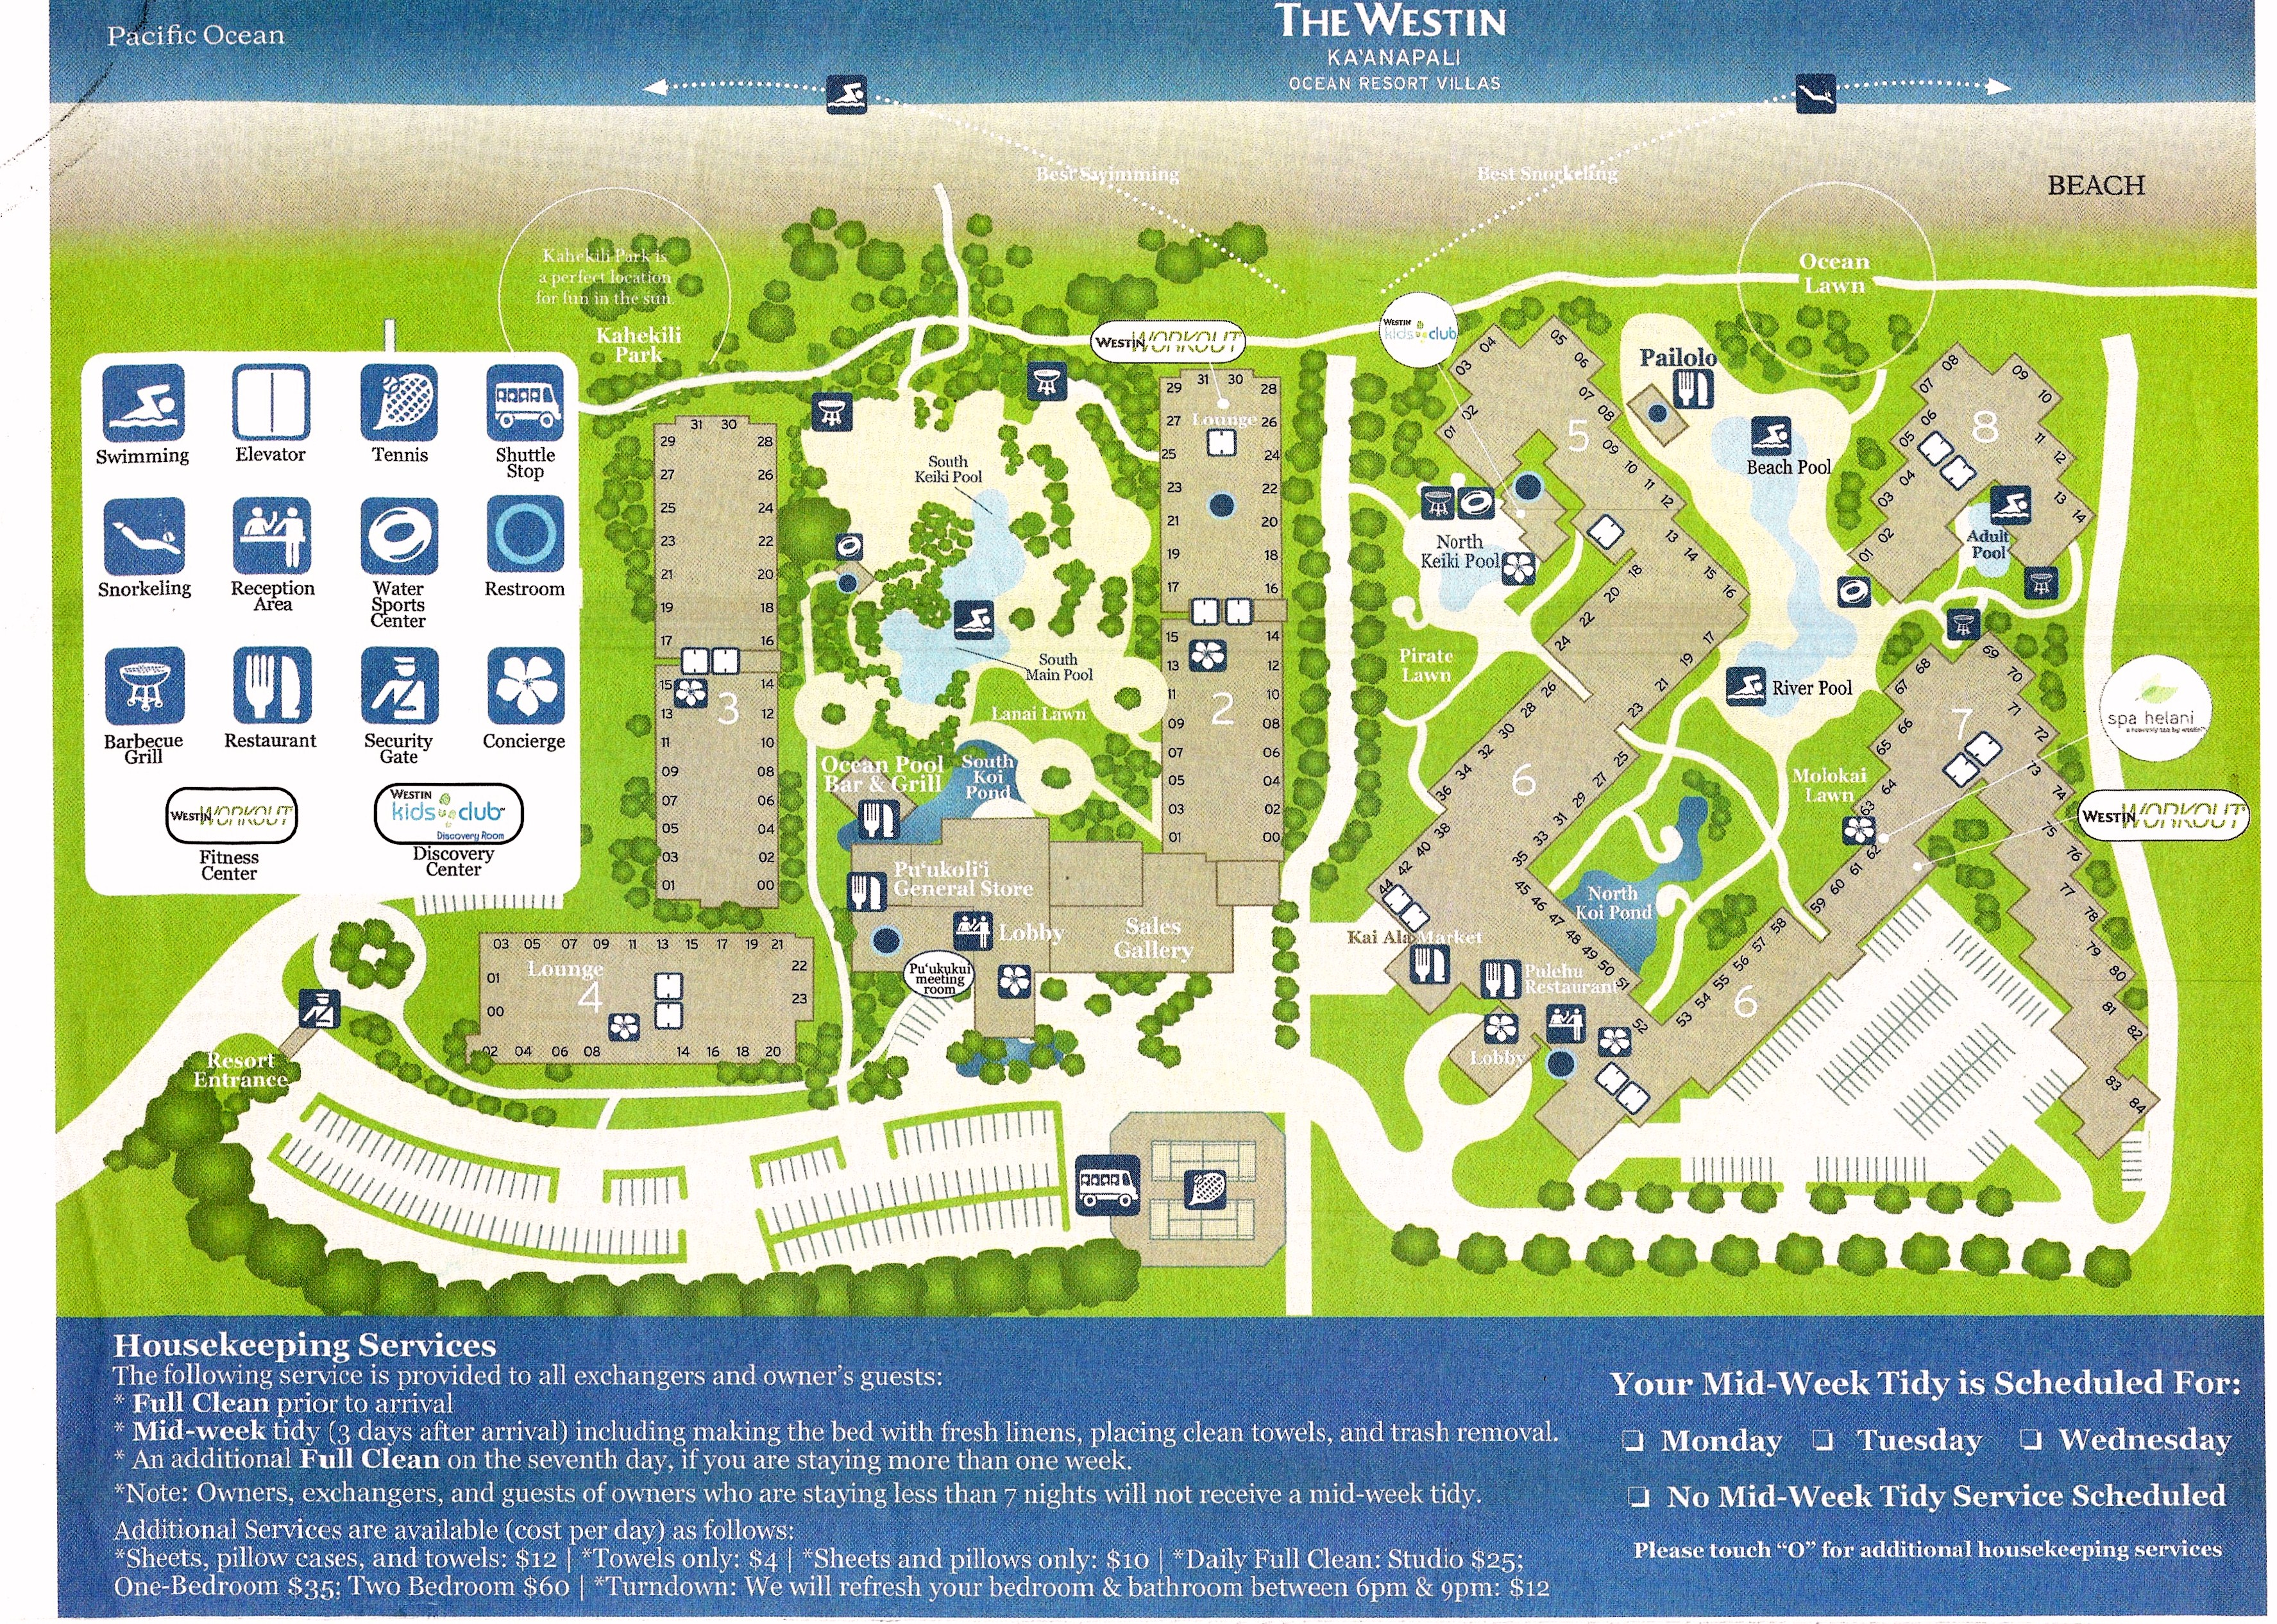 Westin Kaanapali Ocean Resort Villas Advantage Vacation